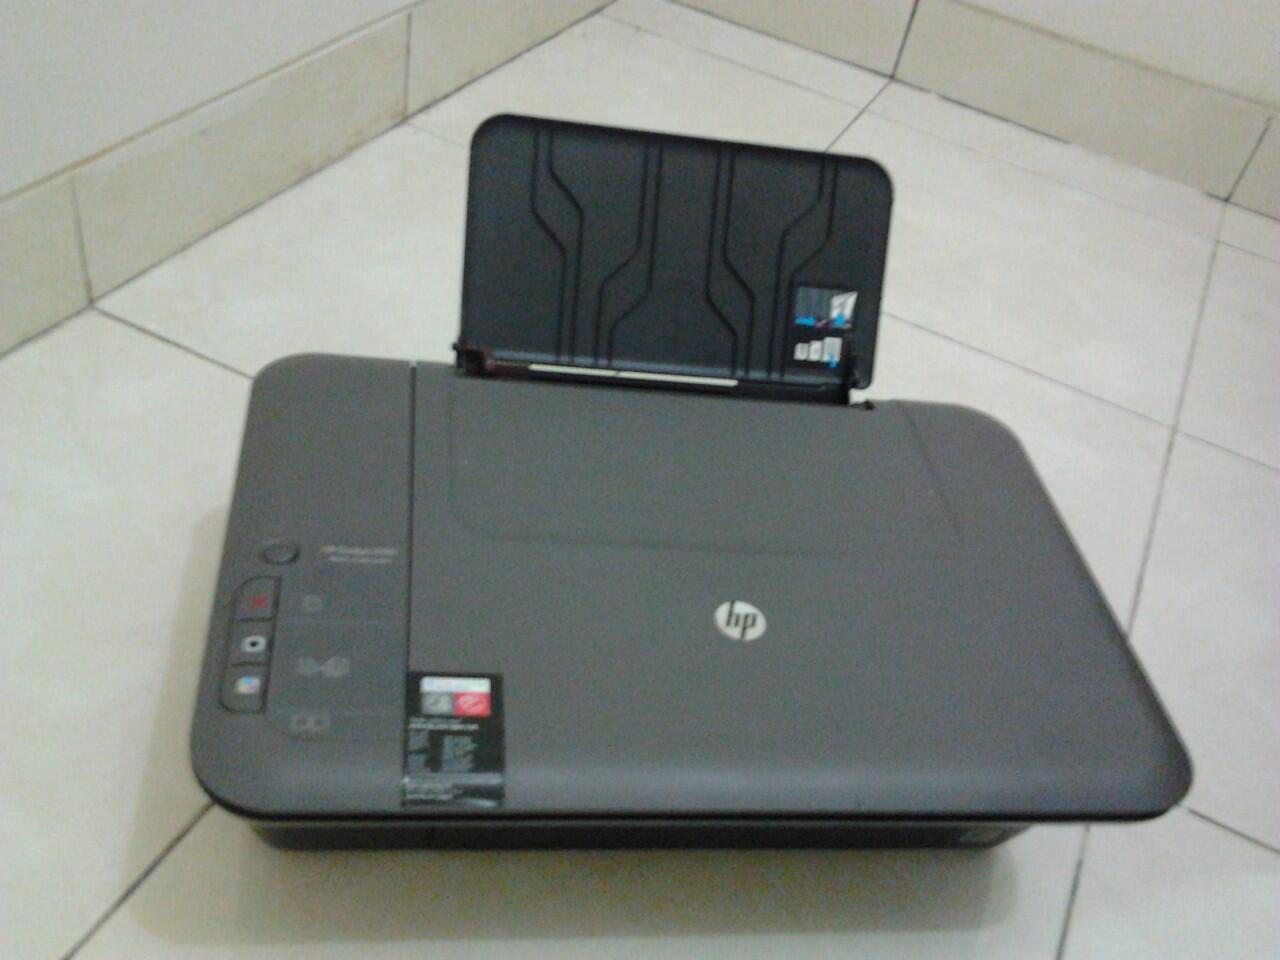 Jual Printer HP 1050 print, scan copy. second mulus